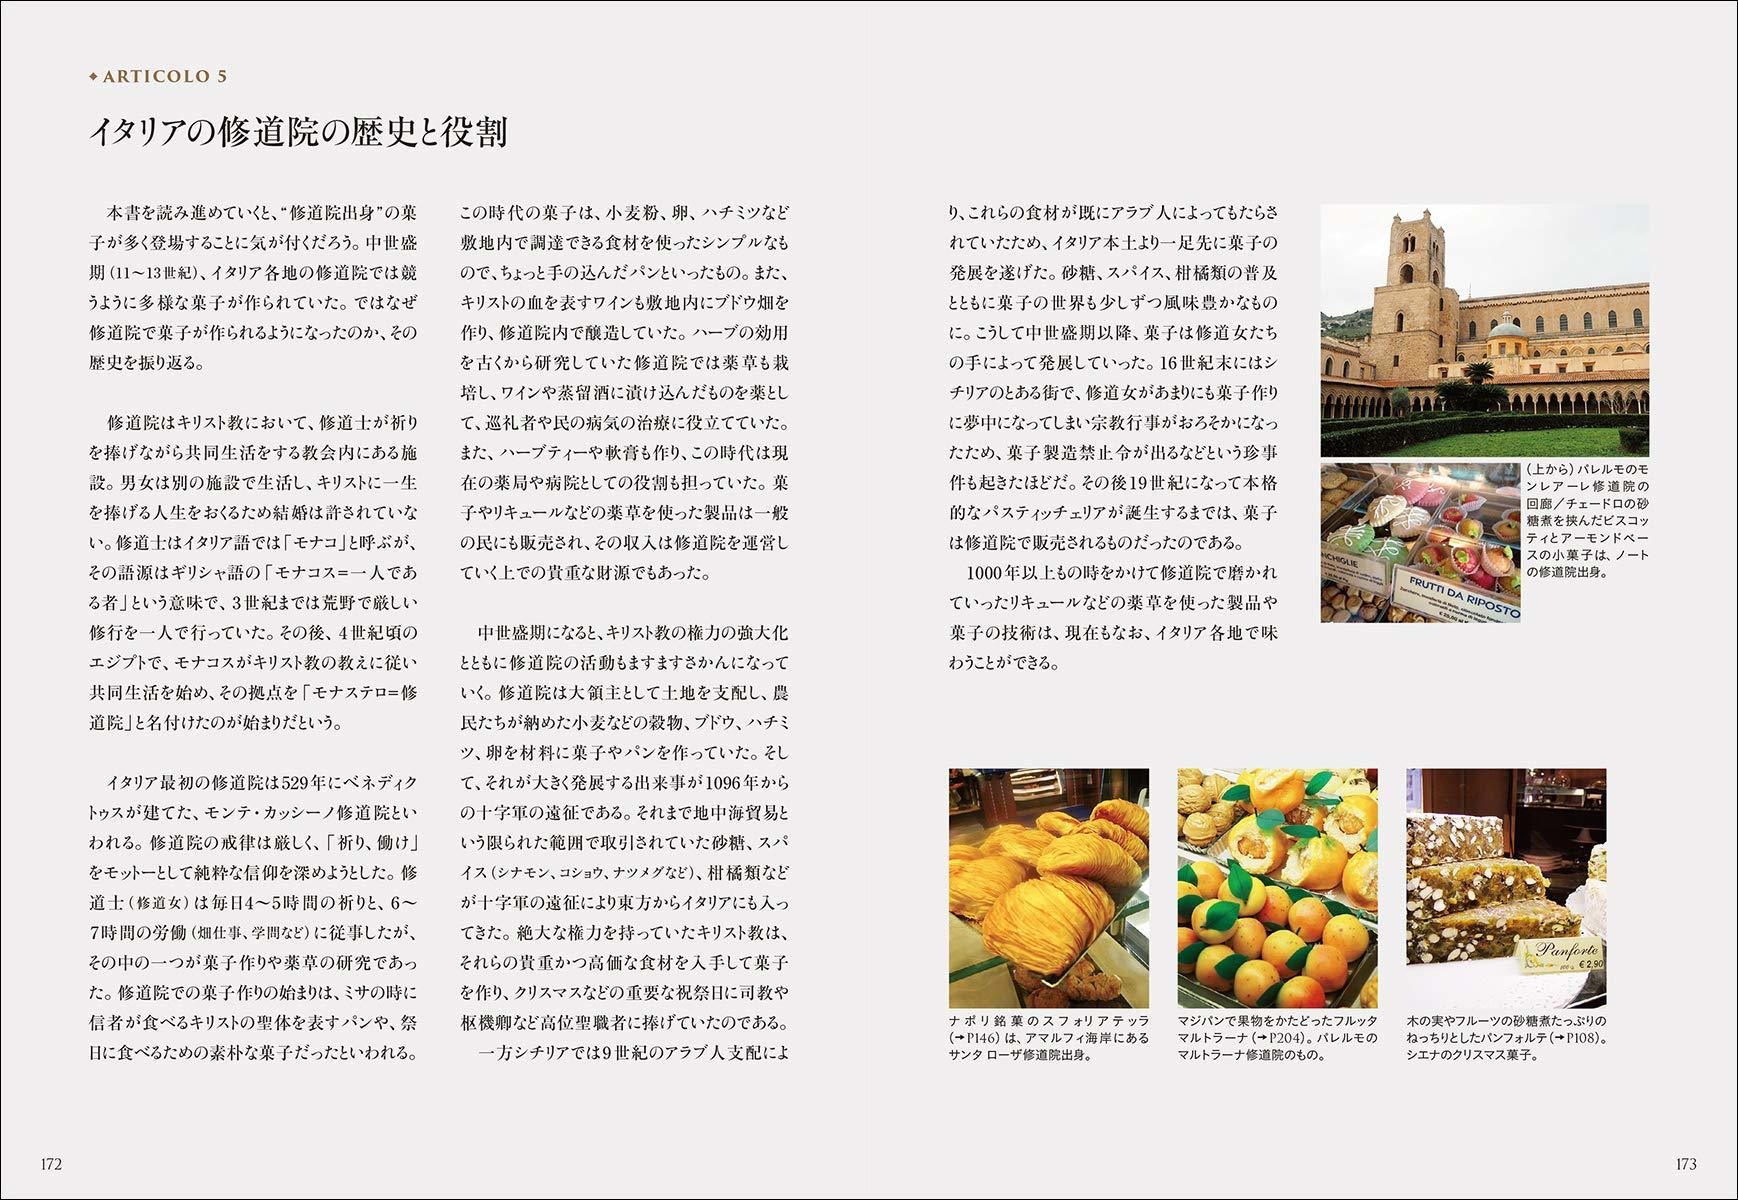 シチリア在住Reiさんの新著「イタリア菓子図鑑」発売!_b0305039_17135816.jpg